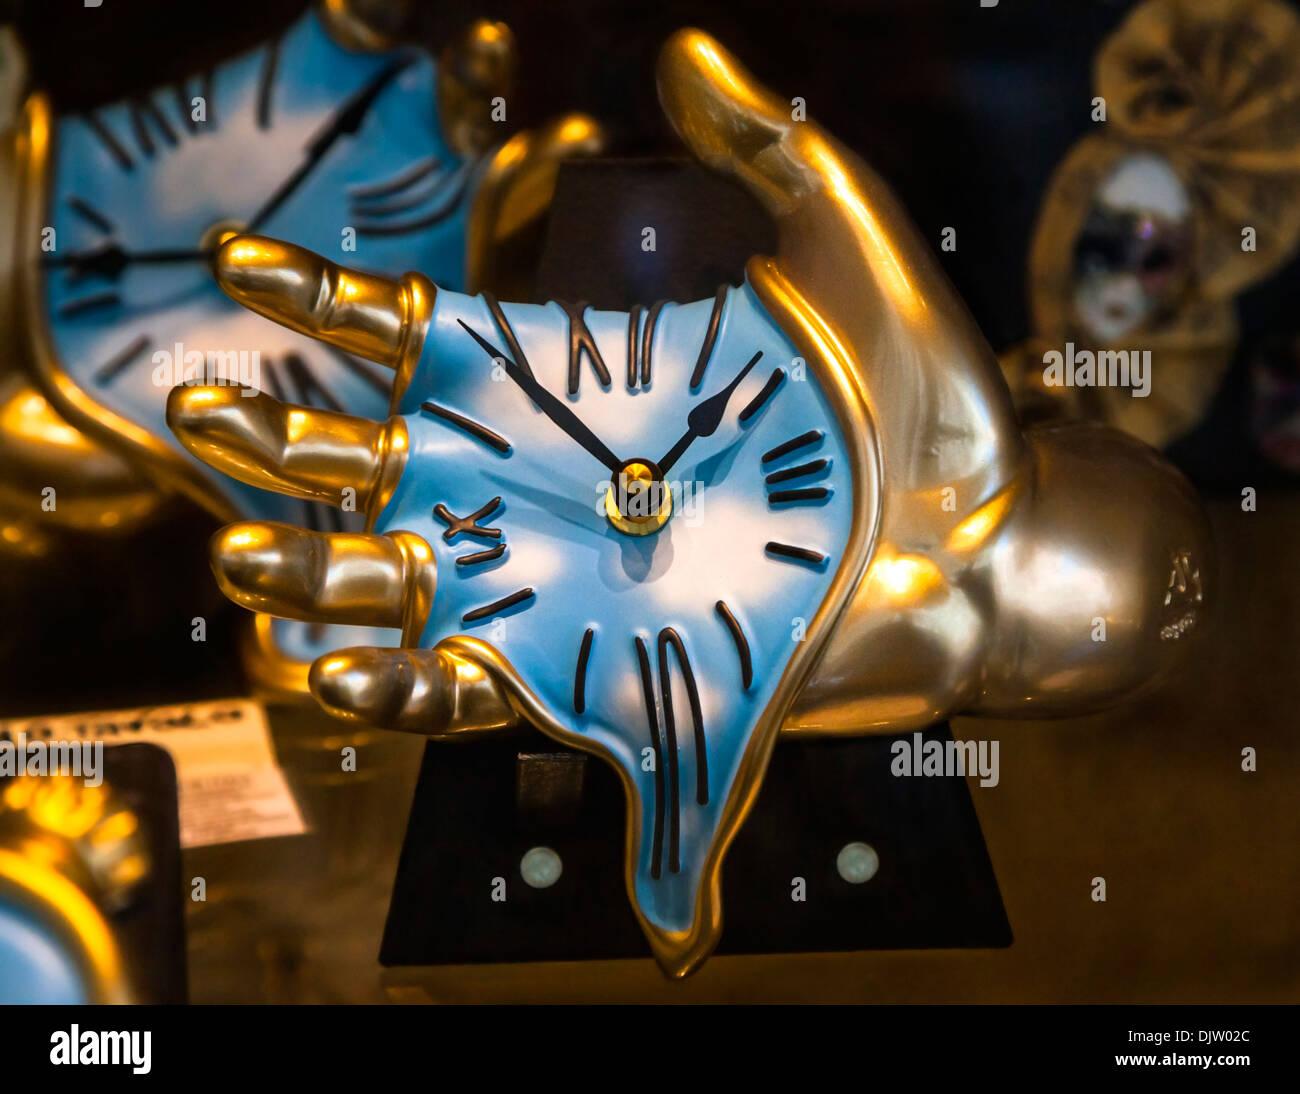 Gold Hands Holding Melting Clocks Reminiscent Of Salvador